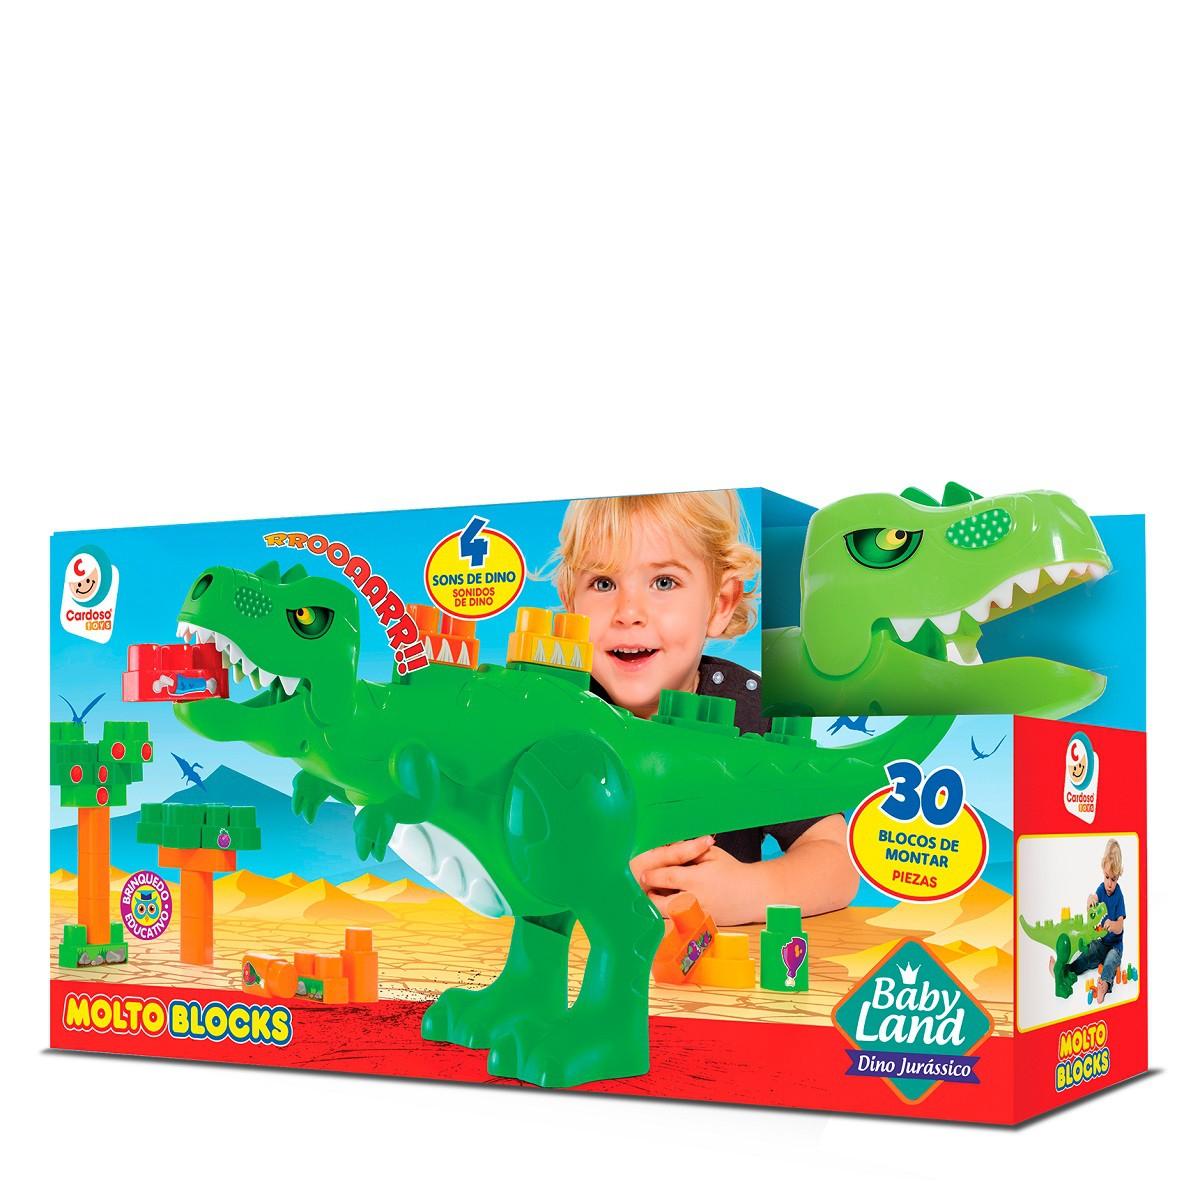 Baby Land Dino Jurássico Blocos de Montar Cardoso 8001